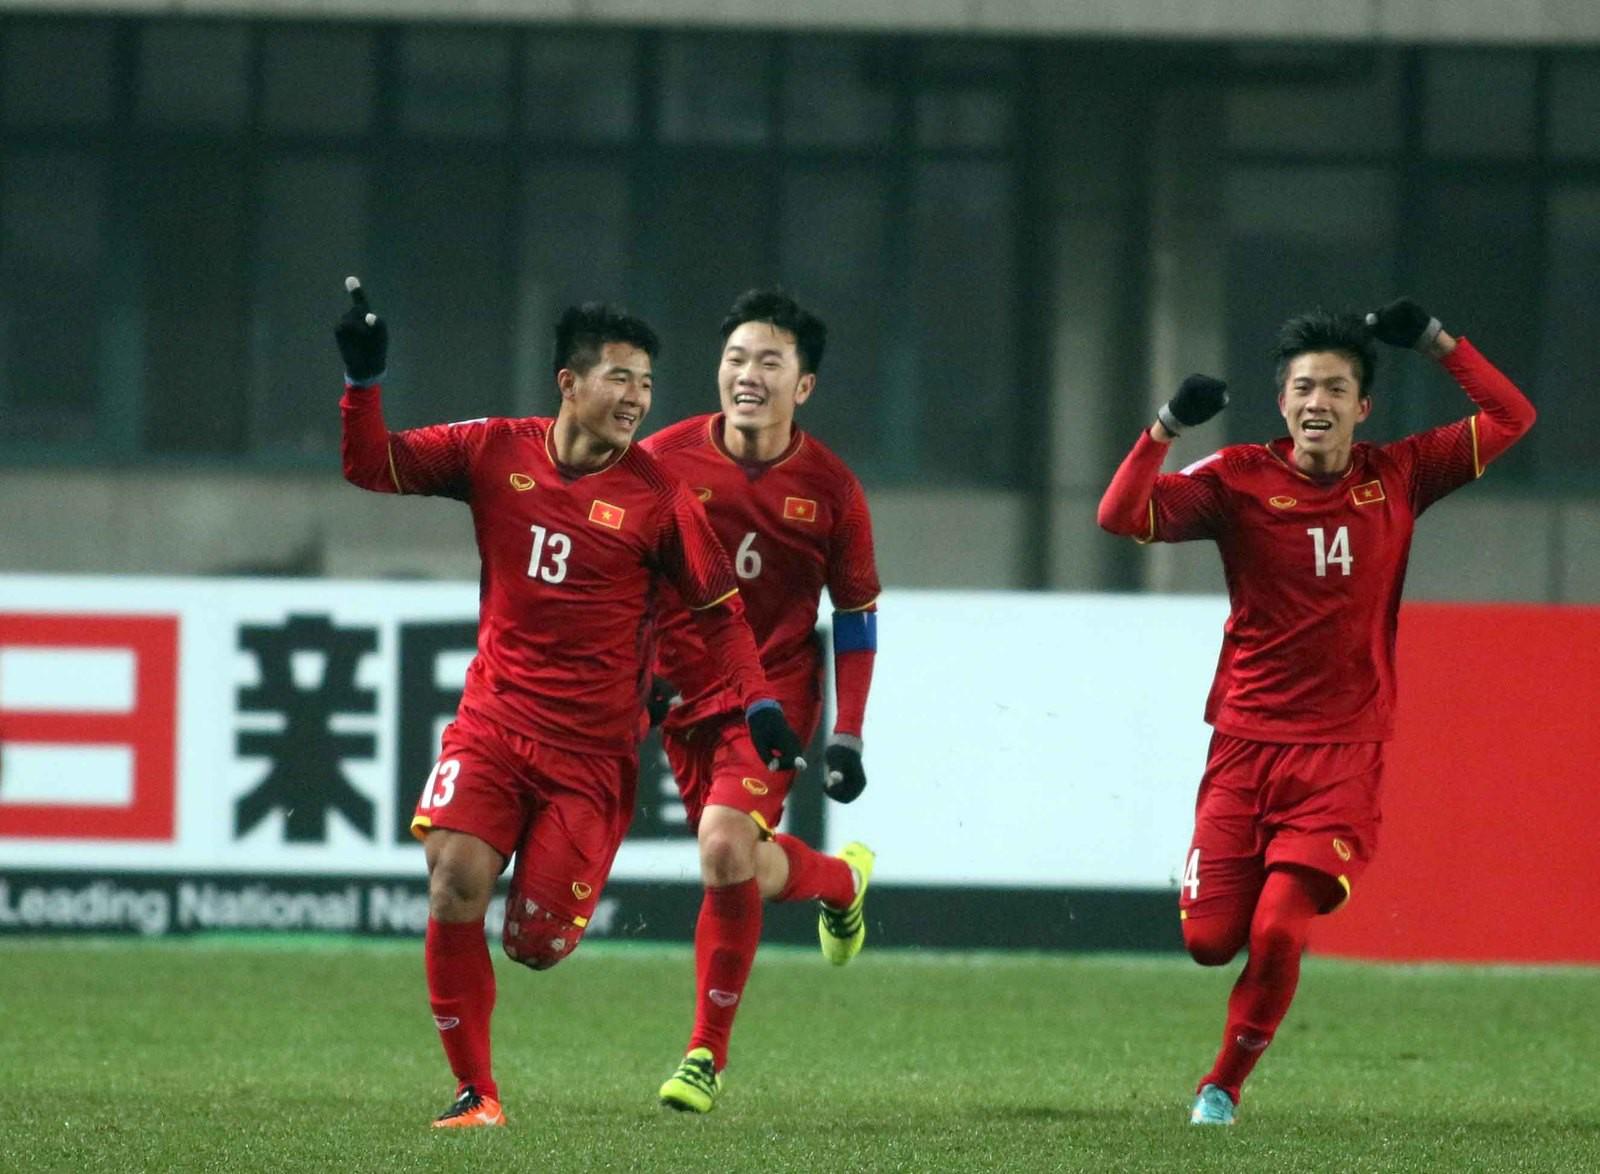 Từ thành công của U23 Việt Nam: Hãy để những kỳ tích trở thành mục tiêu trong tầm tay - Ảnh 6.